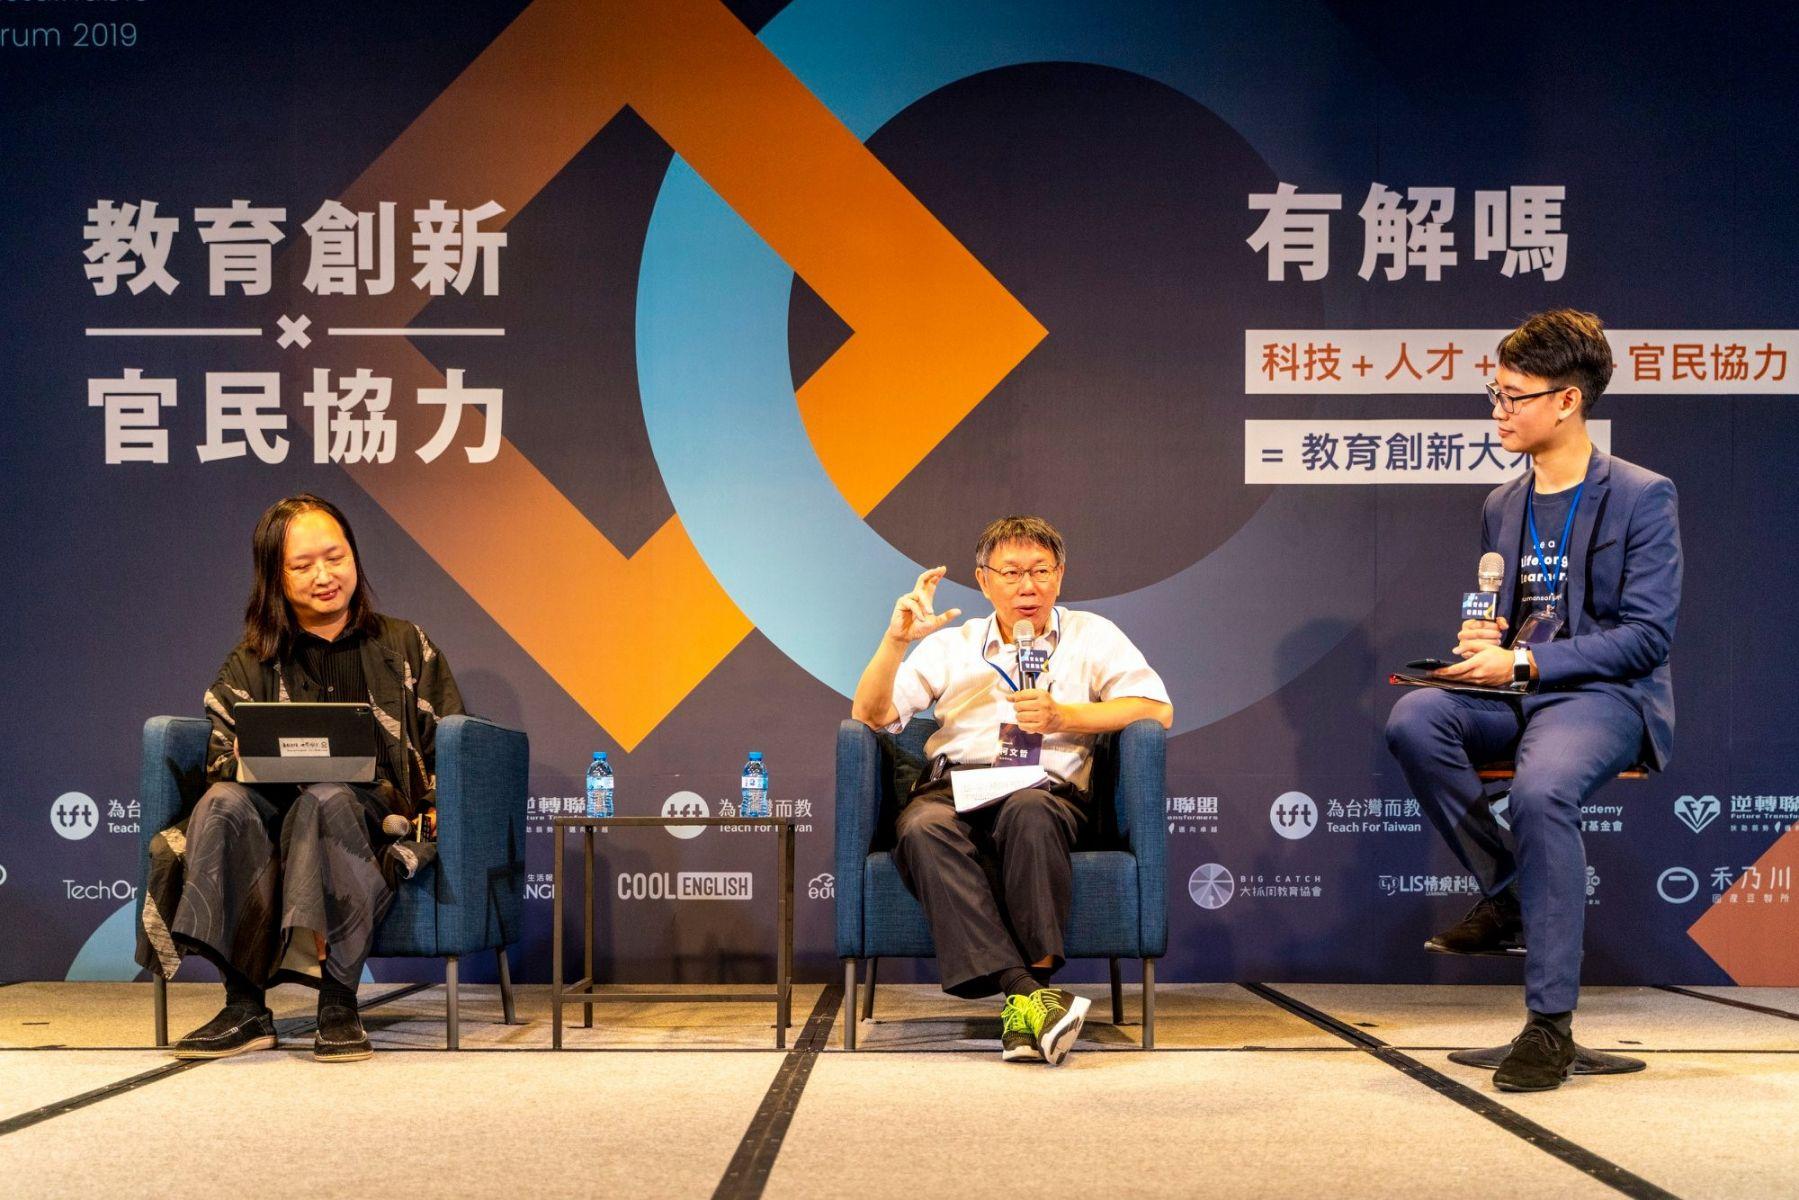 2019 教育永續發展論壇【教育創新x 官民協力有解嗎?】由均一平台教育基金會、為臺灣而教教育基金會、逆轉聯盟共同舉辦。